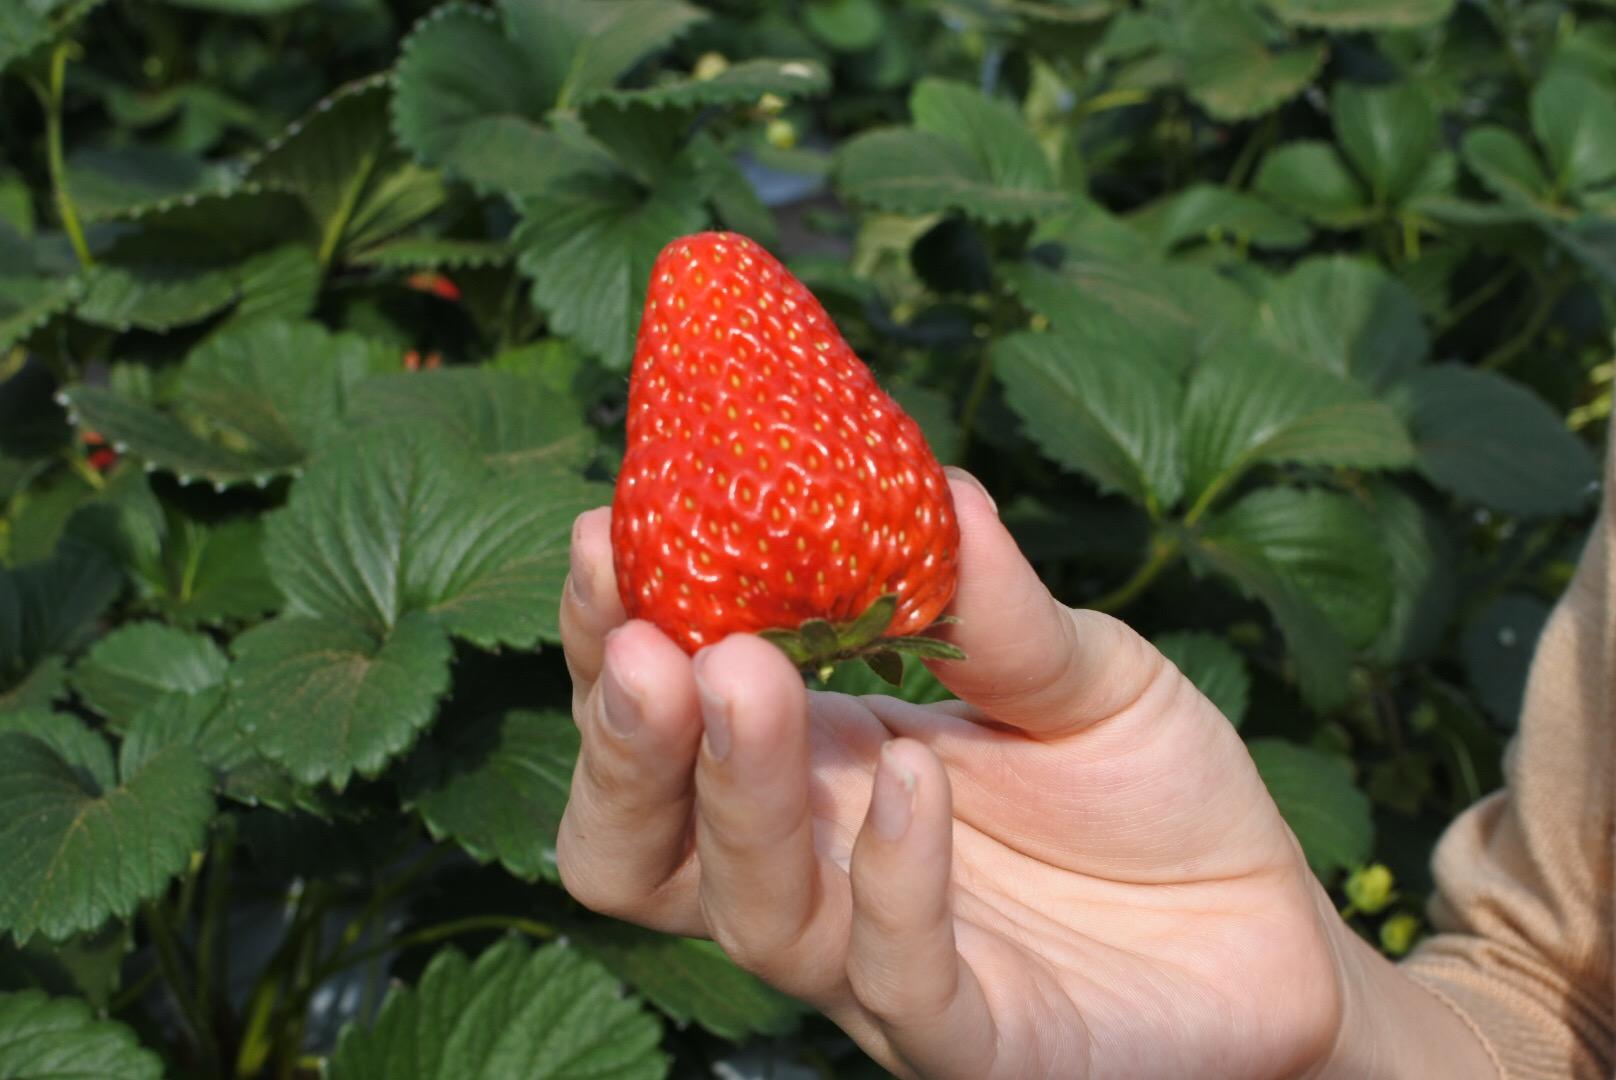 横浜市内でイチゴ狩り♪駅からすぐ!ゆめが丘農園に行く★